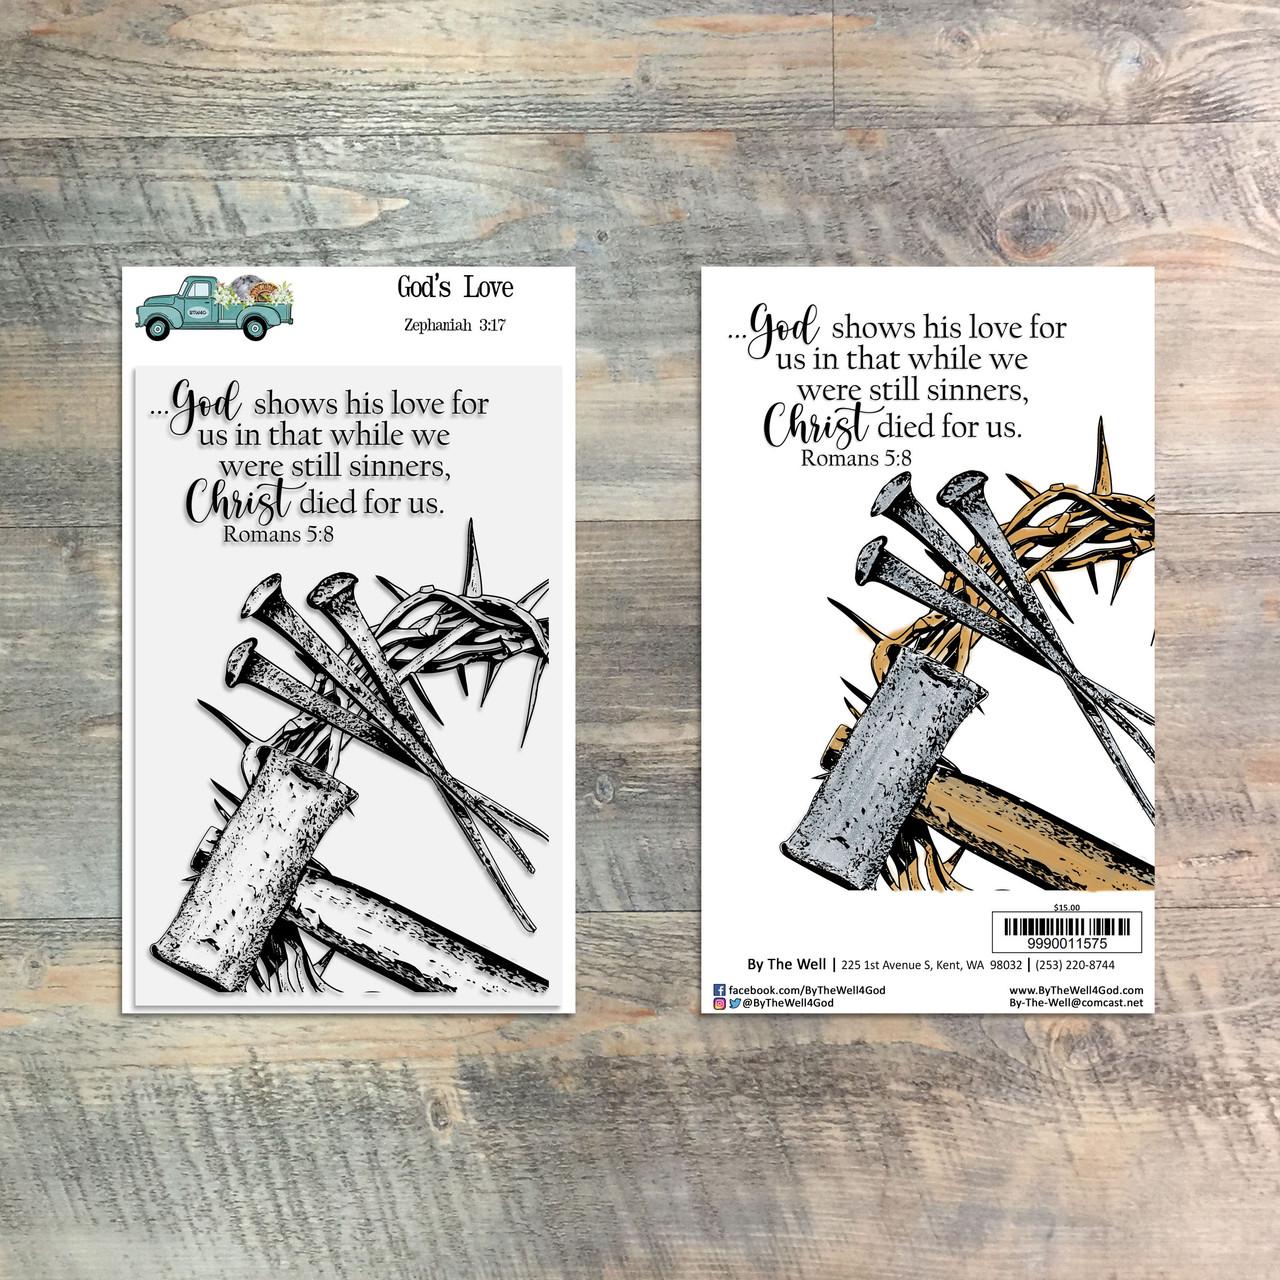 God's Love - 2 Piece Stamp Set - ByTheWell4God